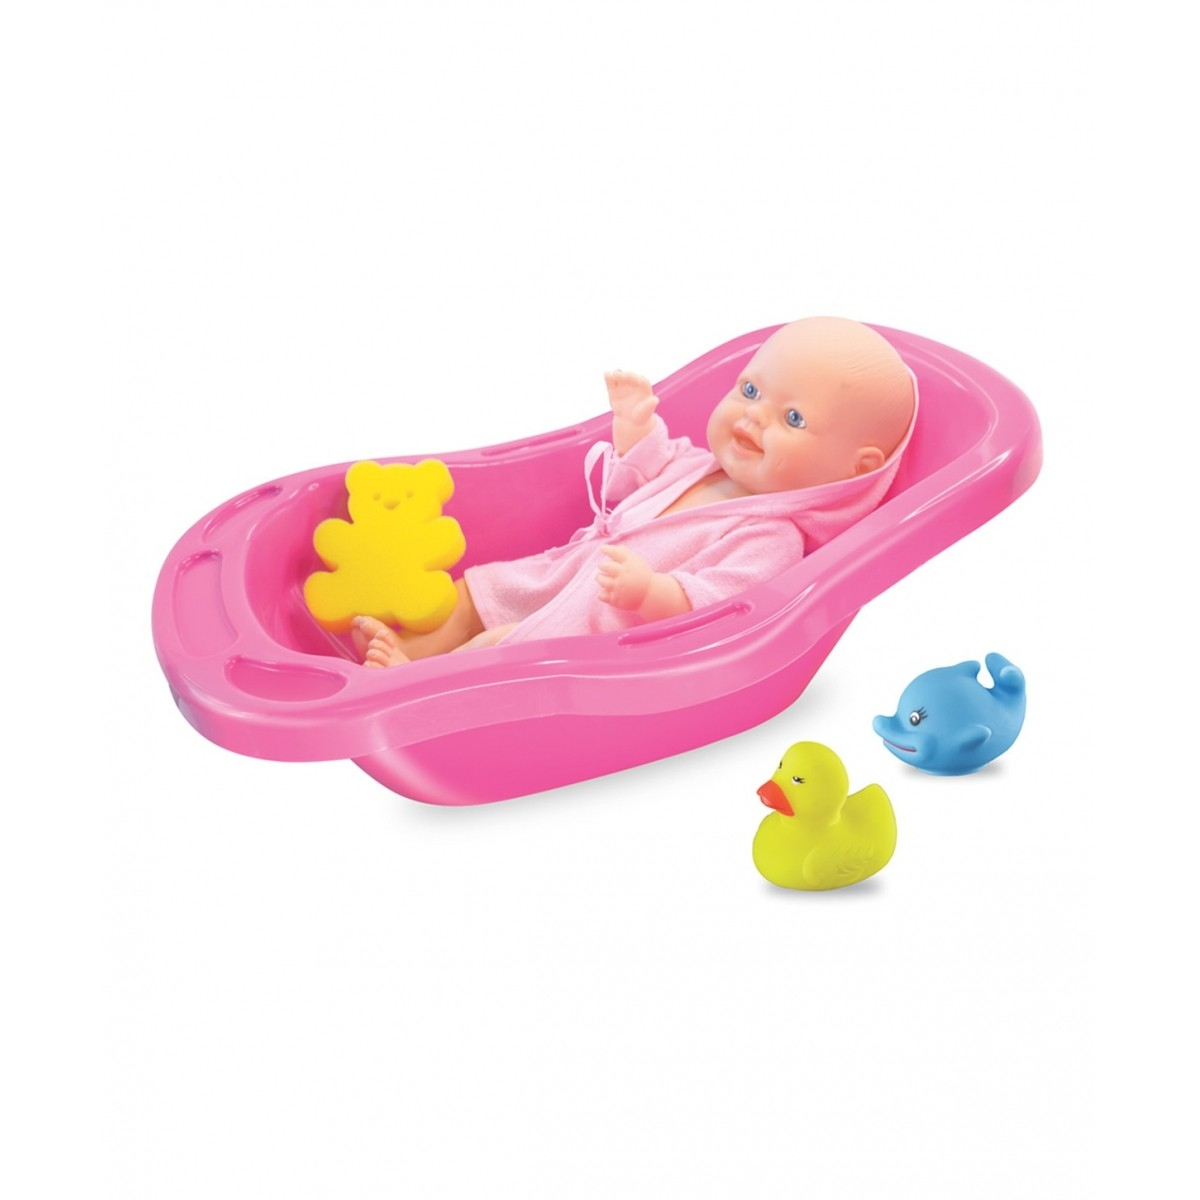 Boneca na Banheira - Apolo Brinquedos